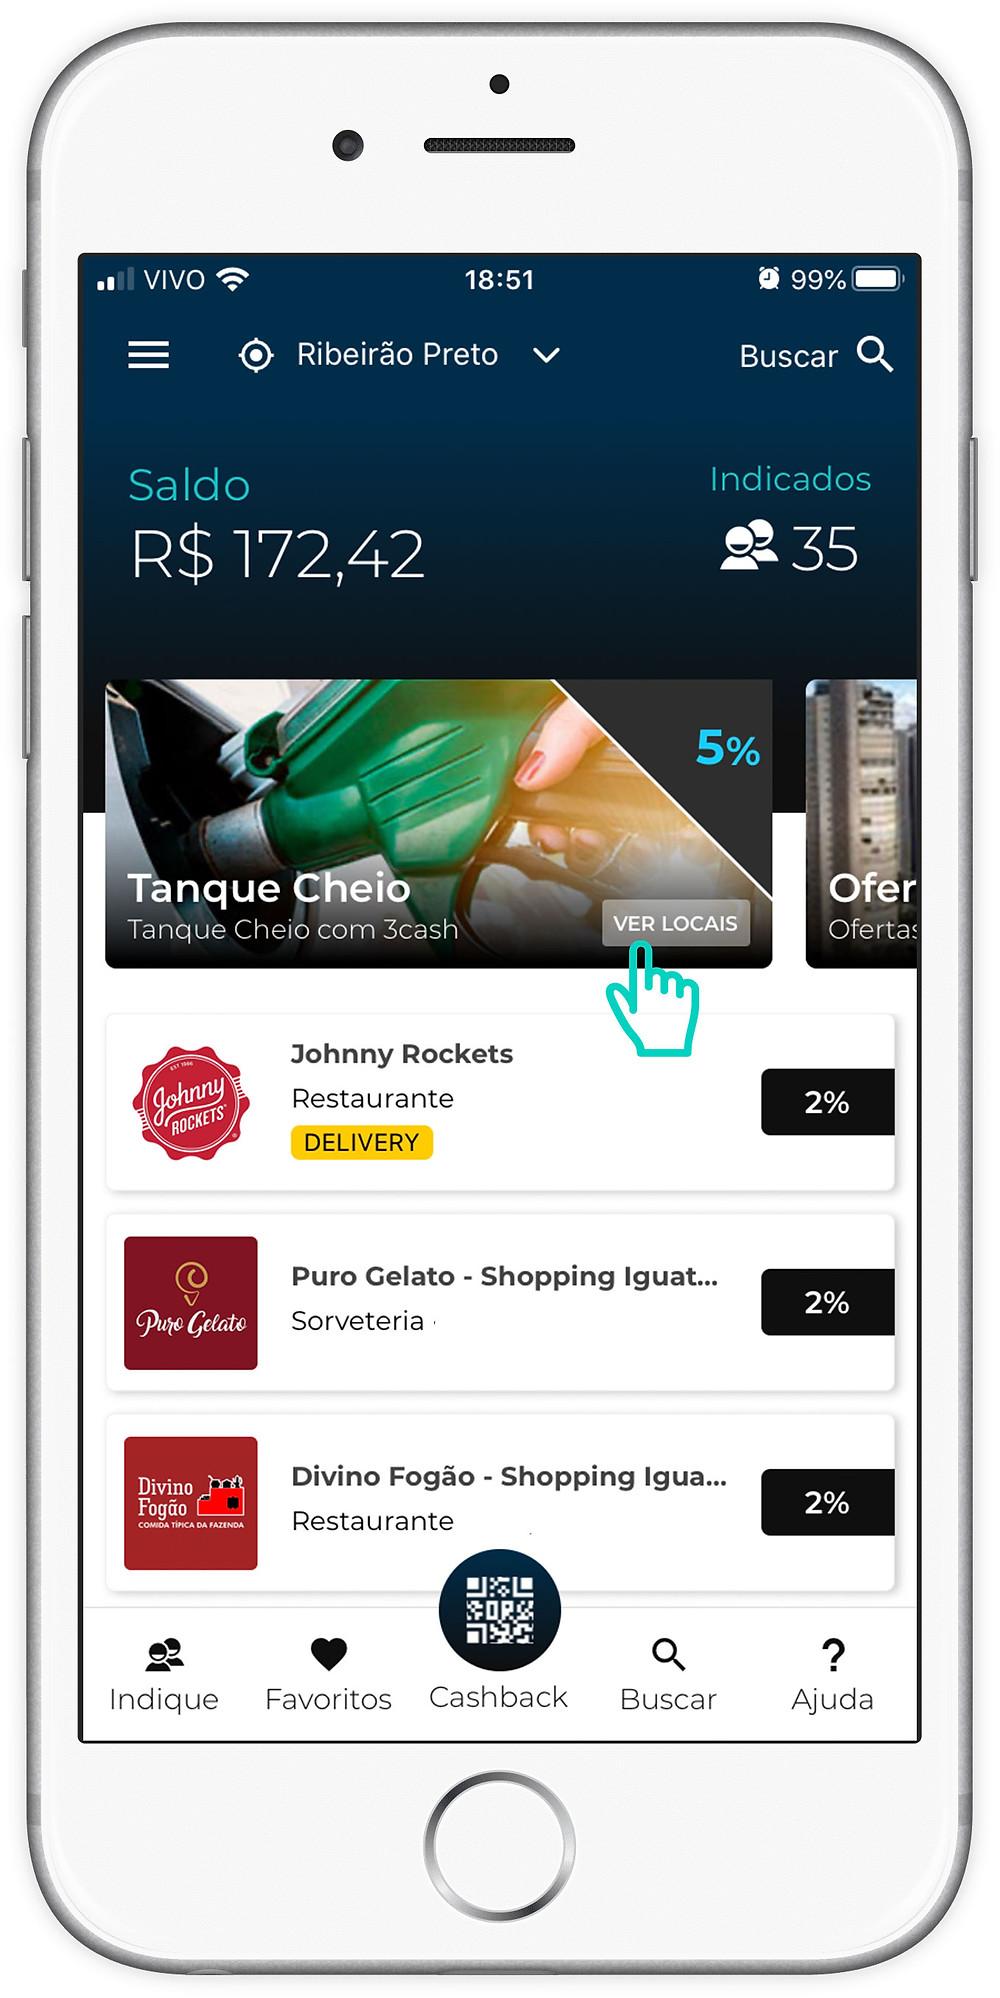 Novo-layout-de-Campanhas-e-Ofertas-do-App-3cash.